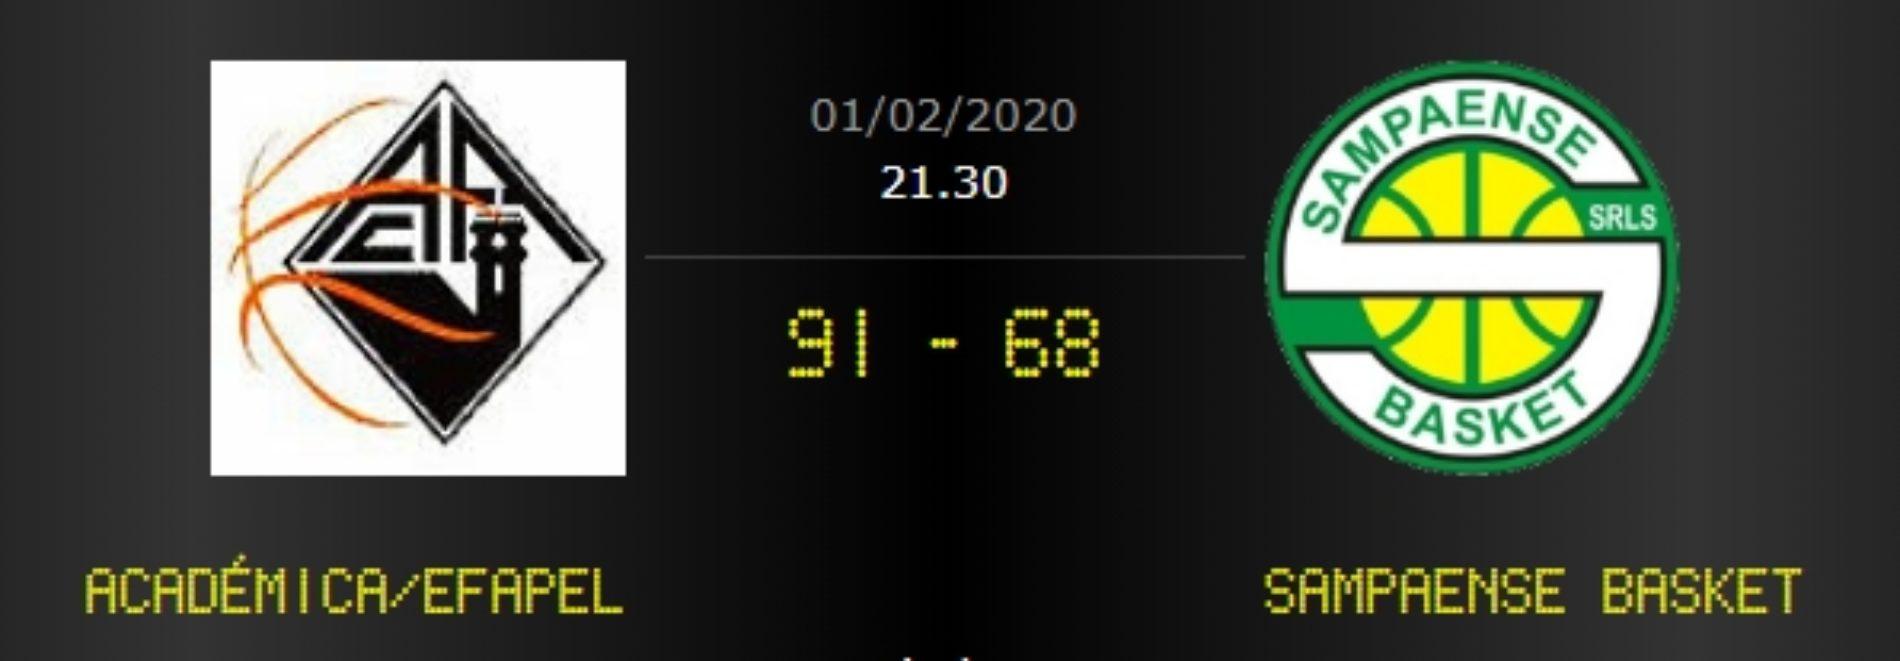 No derby distrital em basquetebol jogado este sábado em Coimbra, a Académica venceu o Sampaense (91-68).